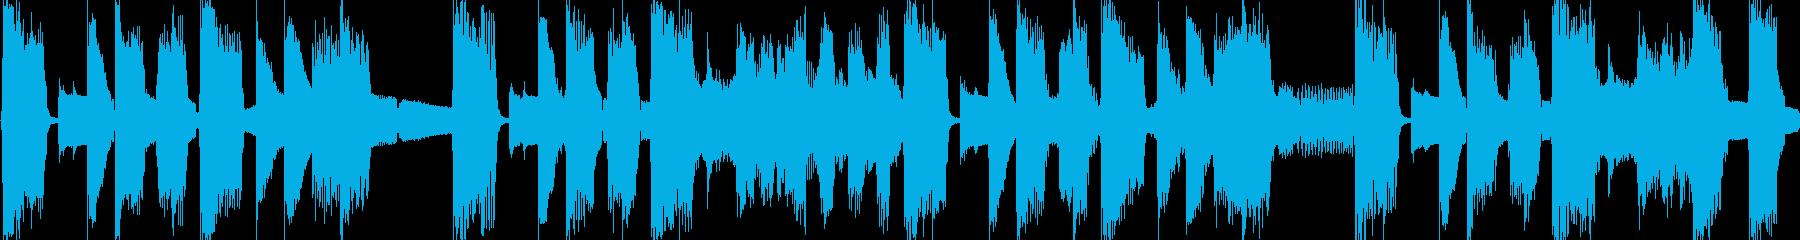 不思議で可愛い15秒CM楽曲。の再生済みの波形